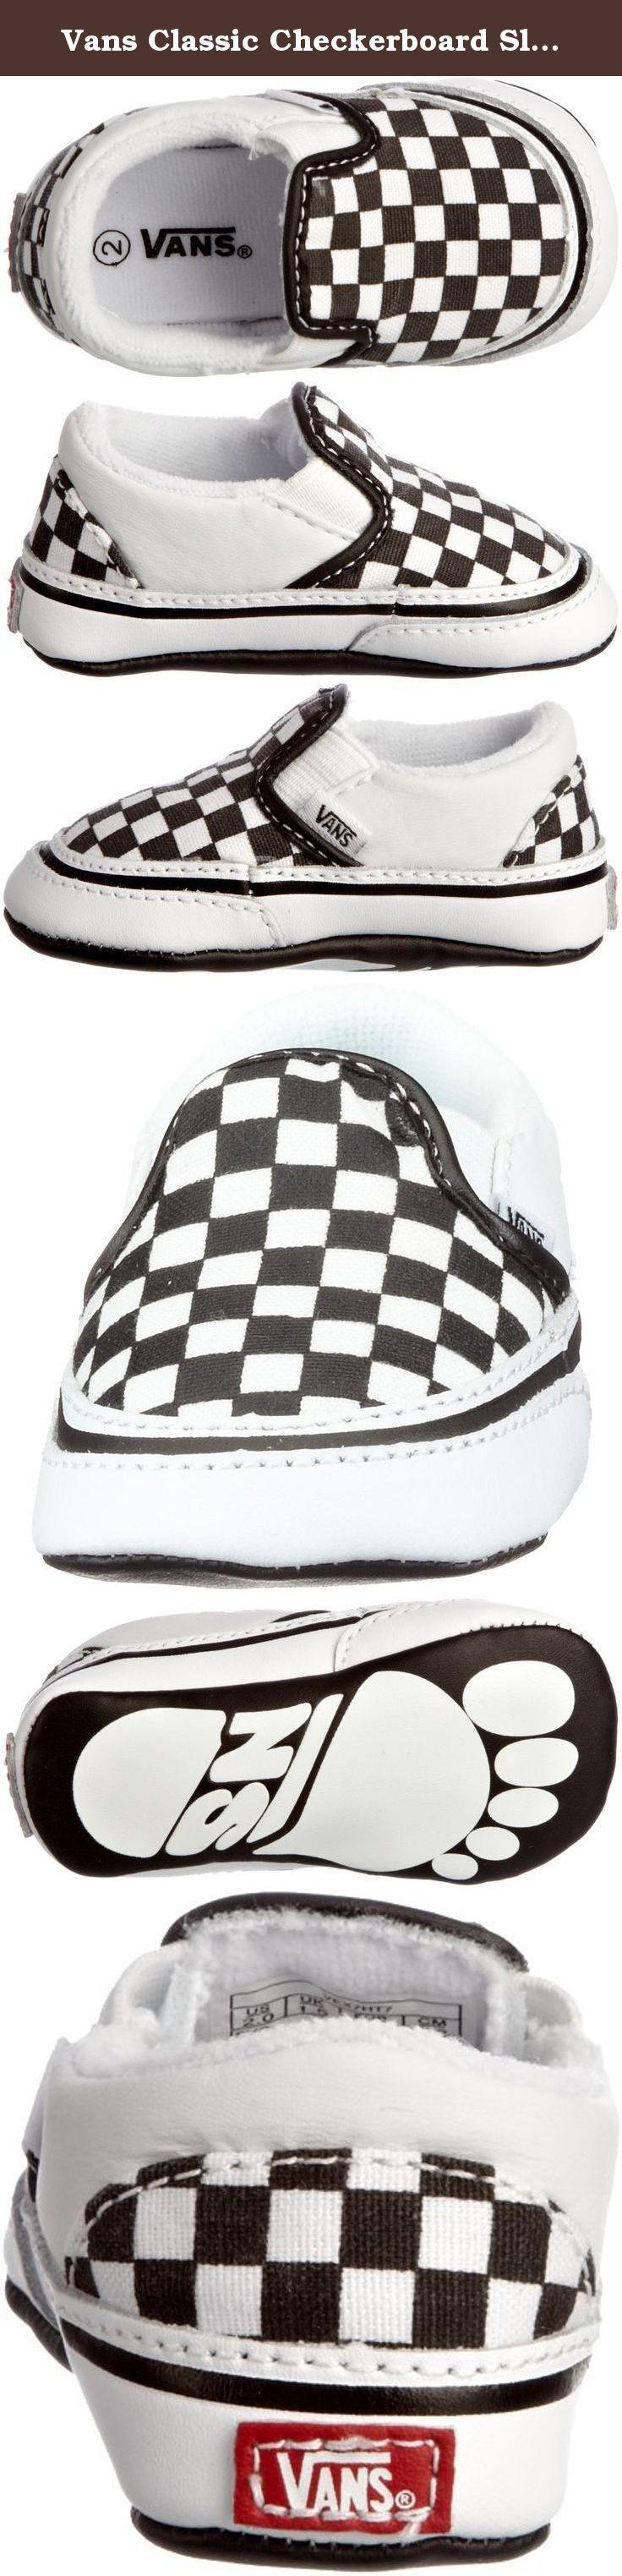 Vans Classic Checkerboard Slip Infant Black White 1 Infant